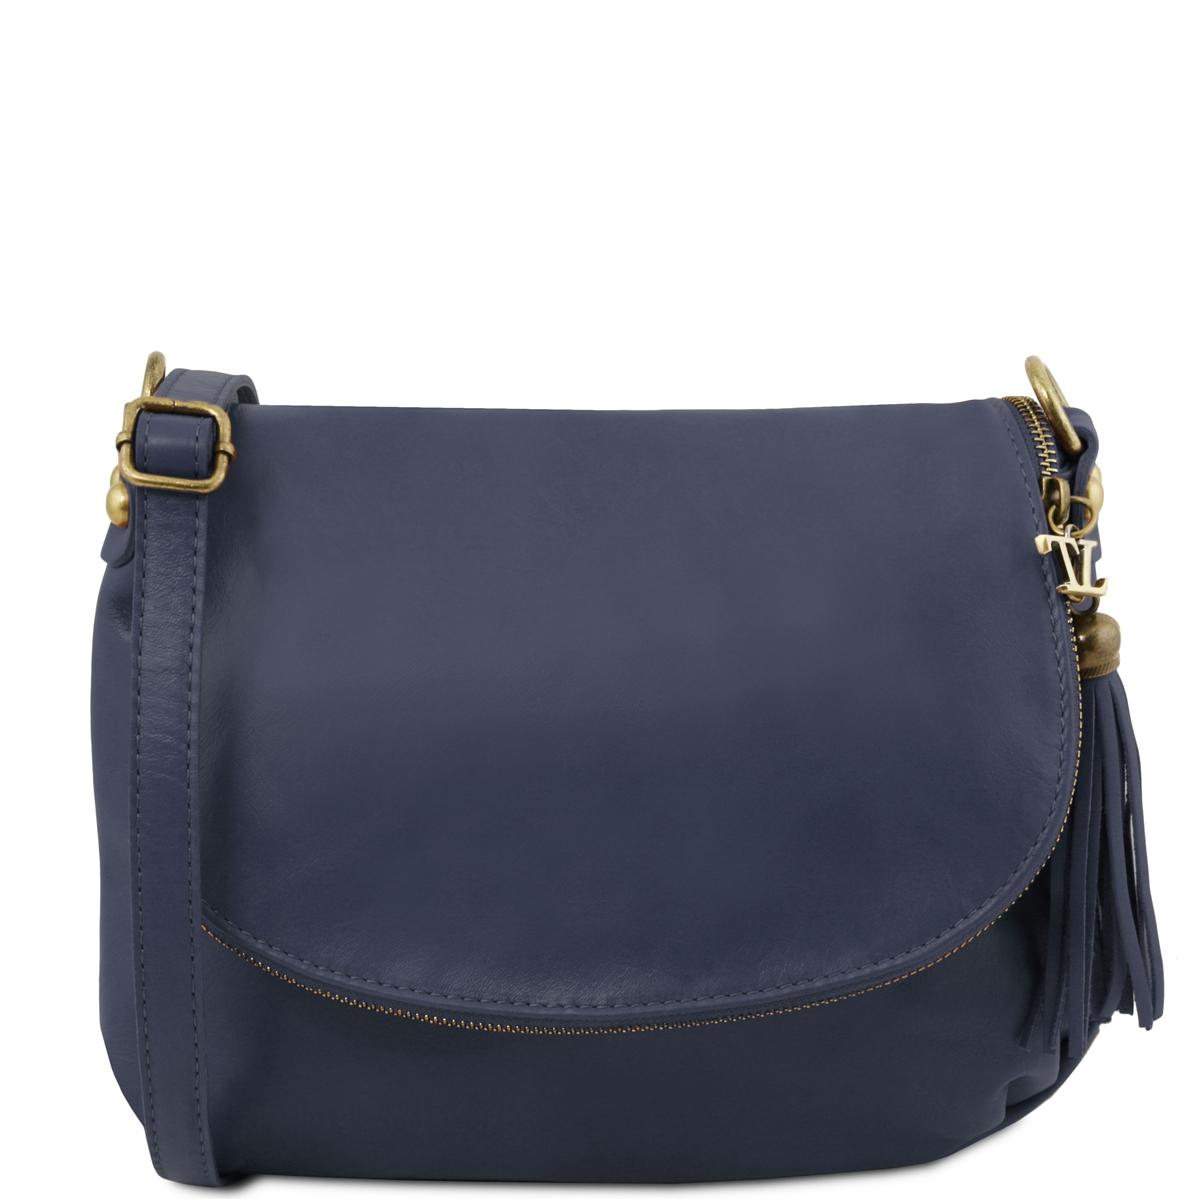 d5af1adf804 TL141223 Soft leather shoulder bag - Dark Blue   Tuscany Leather ...